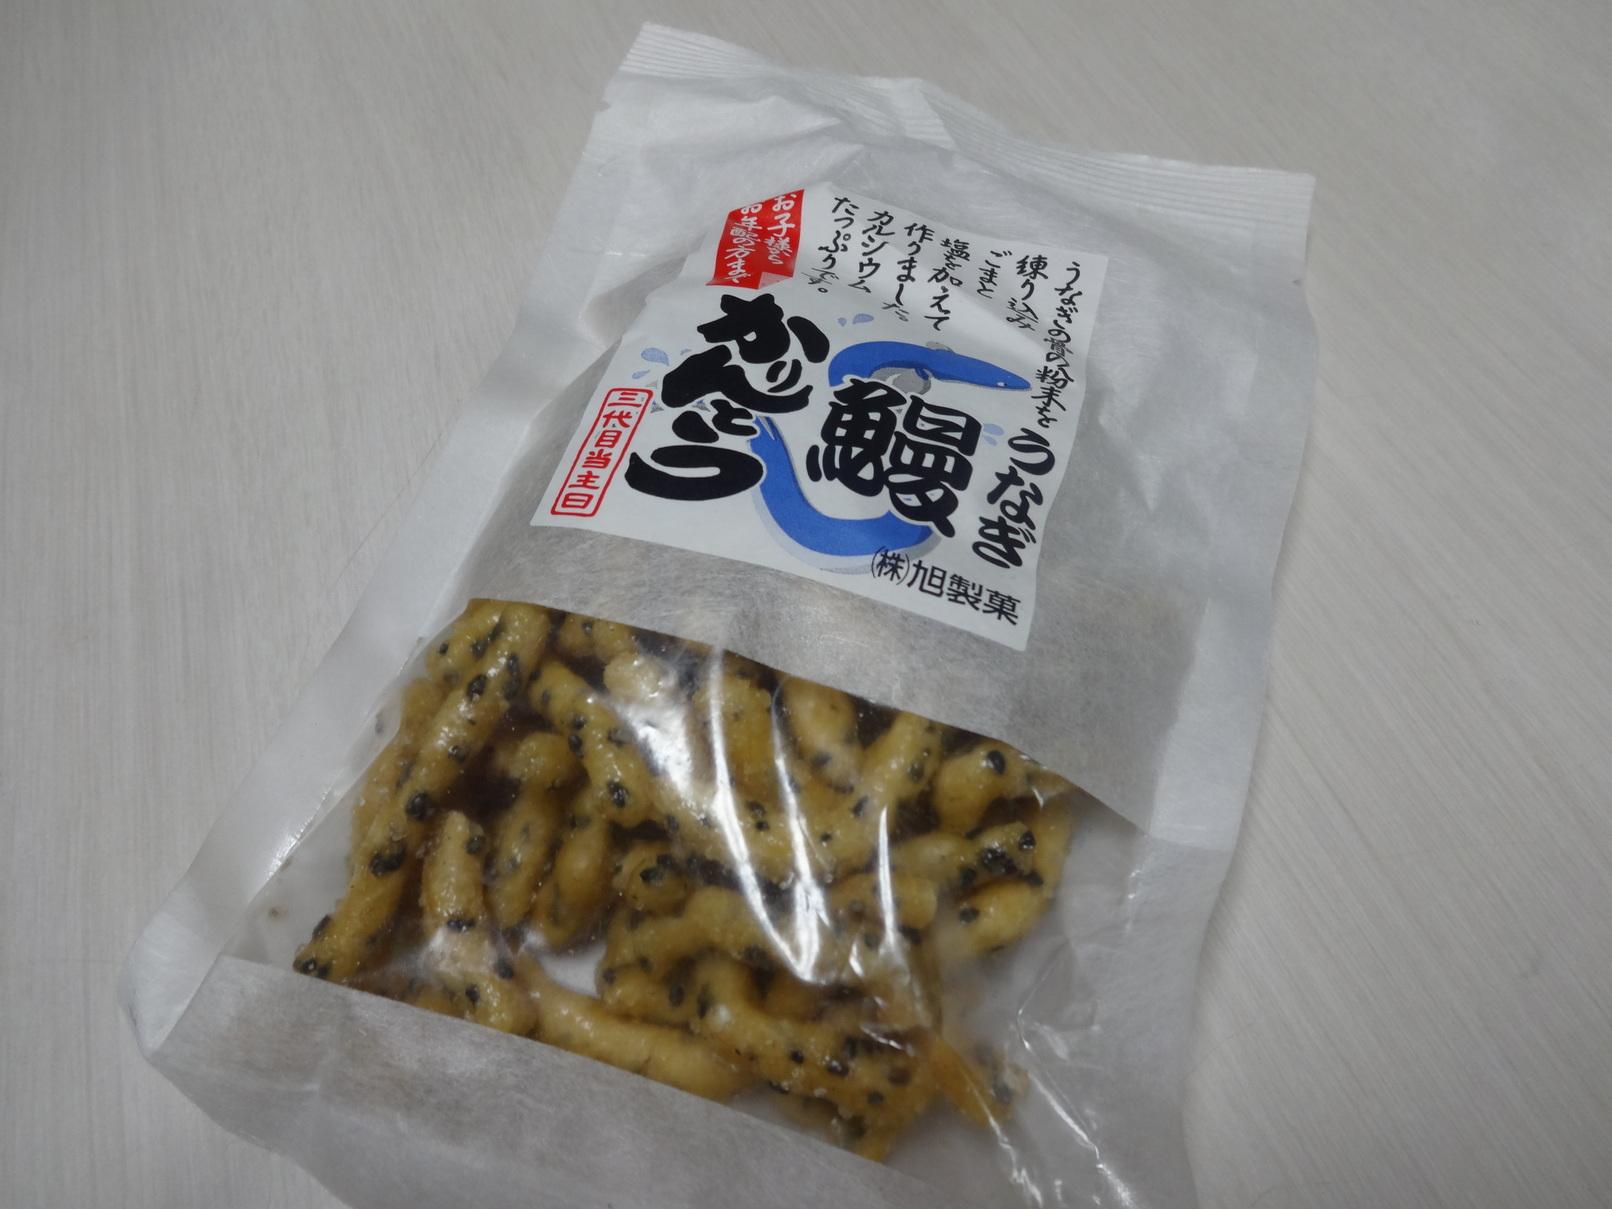 旭製菓 保谷駅店